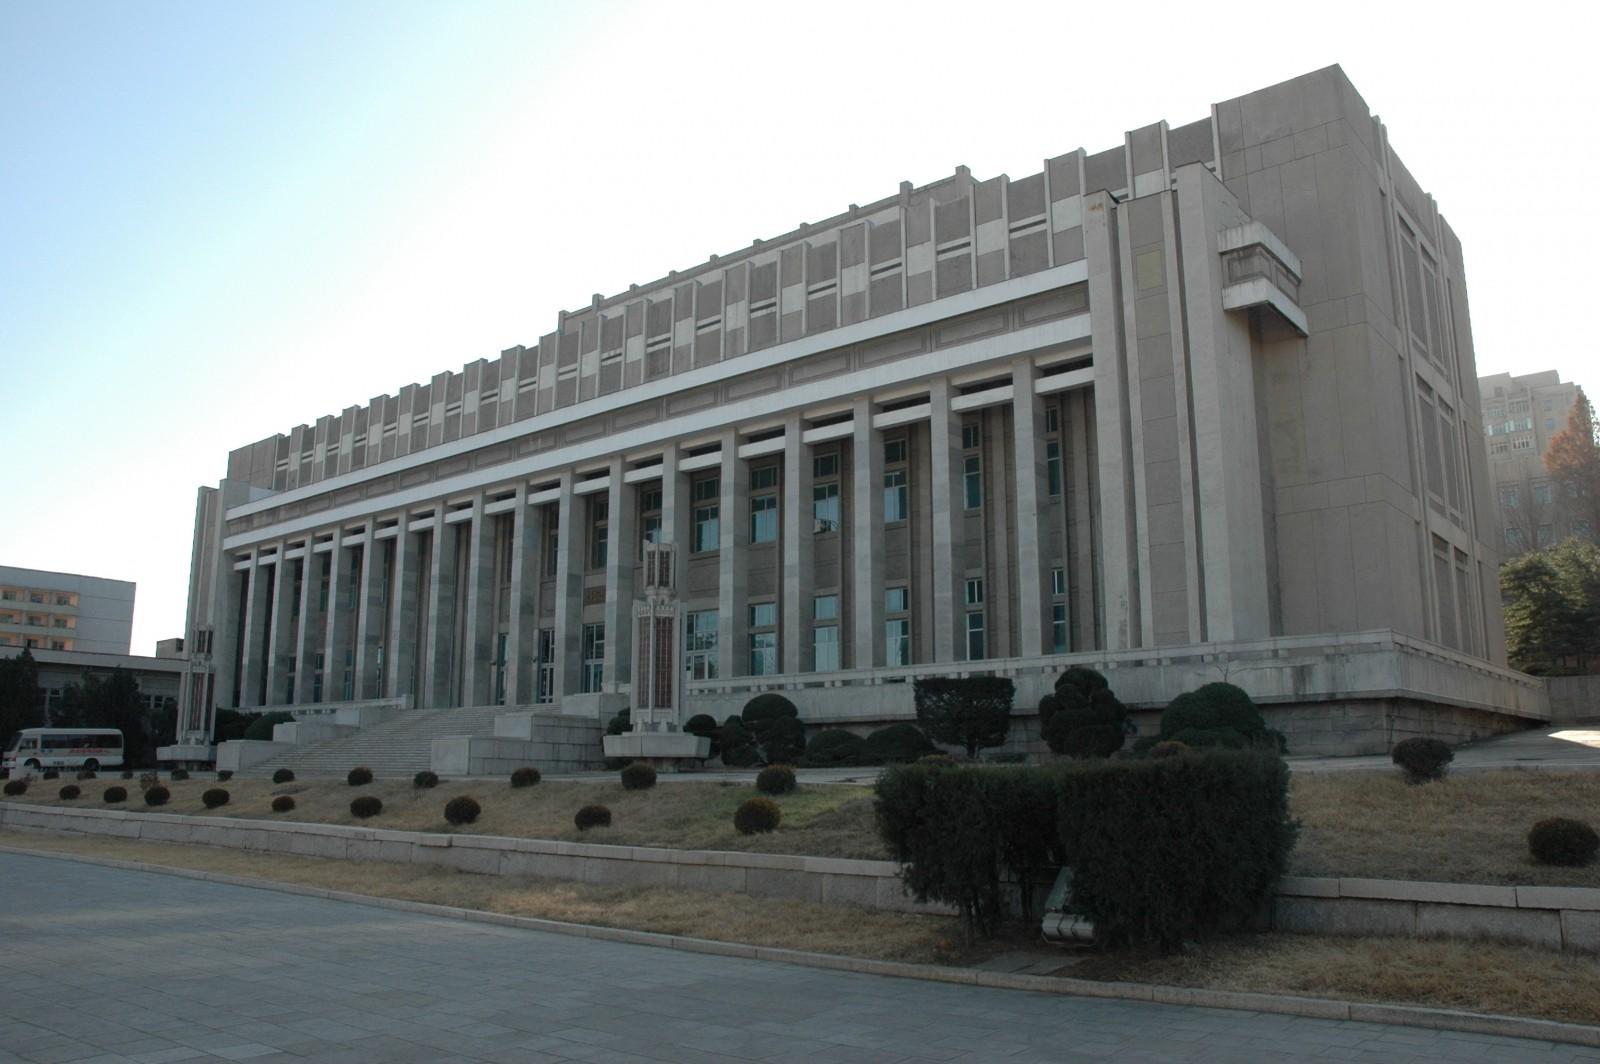 """Museo del Metro de Pyongyang: """"Una gran y majestuosa estructura en Pyongyanguseum dedicated to 'the Construction of the Pyongyang Metro'"""". Image Courtesy of Koryo Tours"""